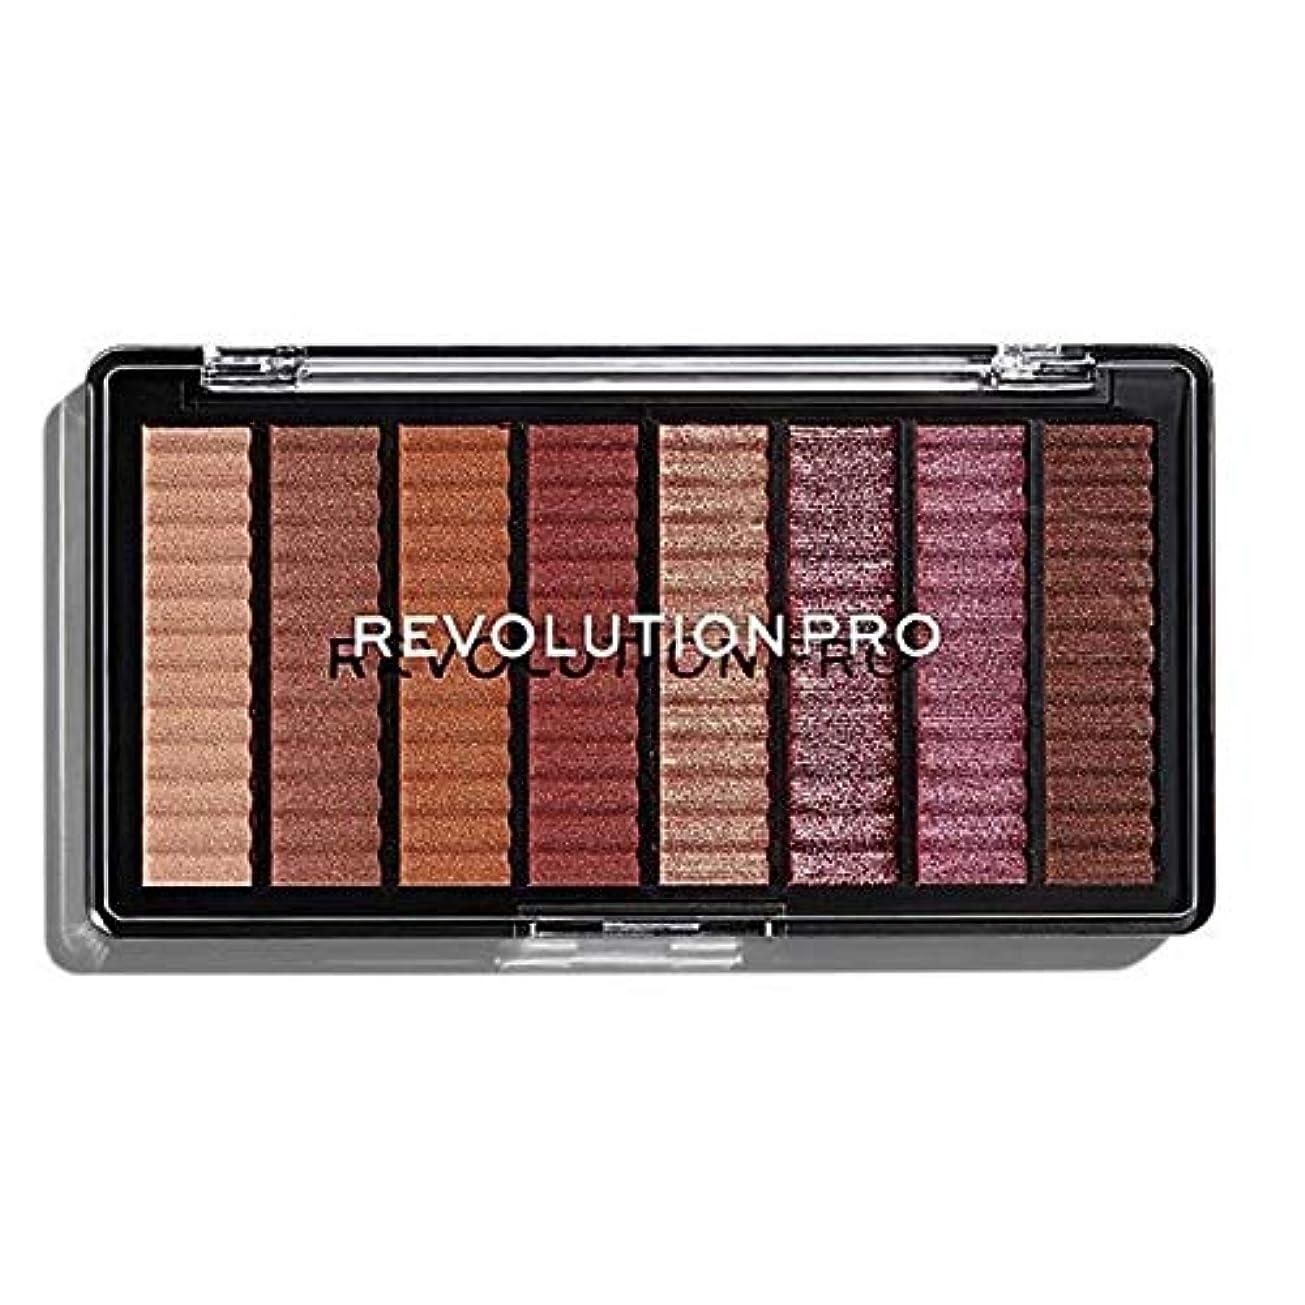 告白する楽観壁紙[Revolution ] 革命プロ最高の中毒のアイシャドウパレット - Revolution Pro Supreme Intoxicate Eye Shadow Palette [並行輸入品]